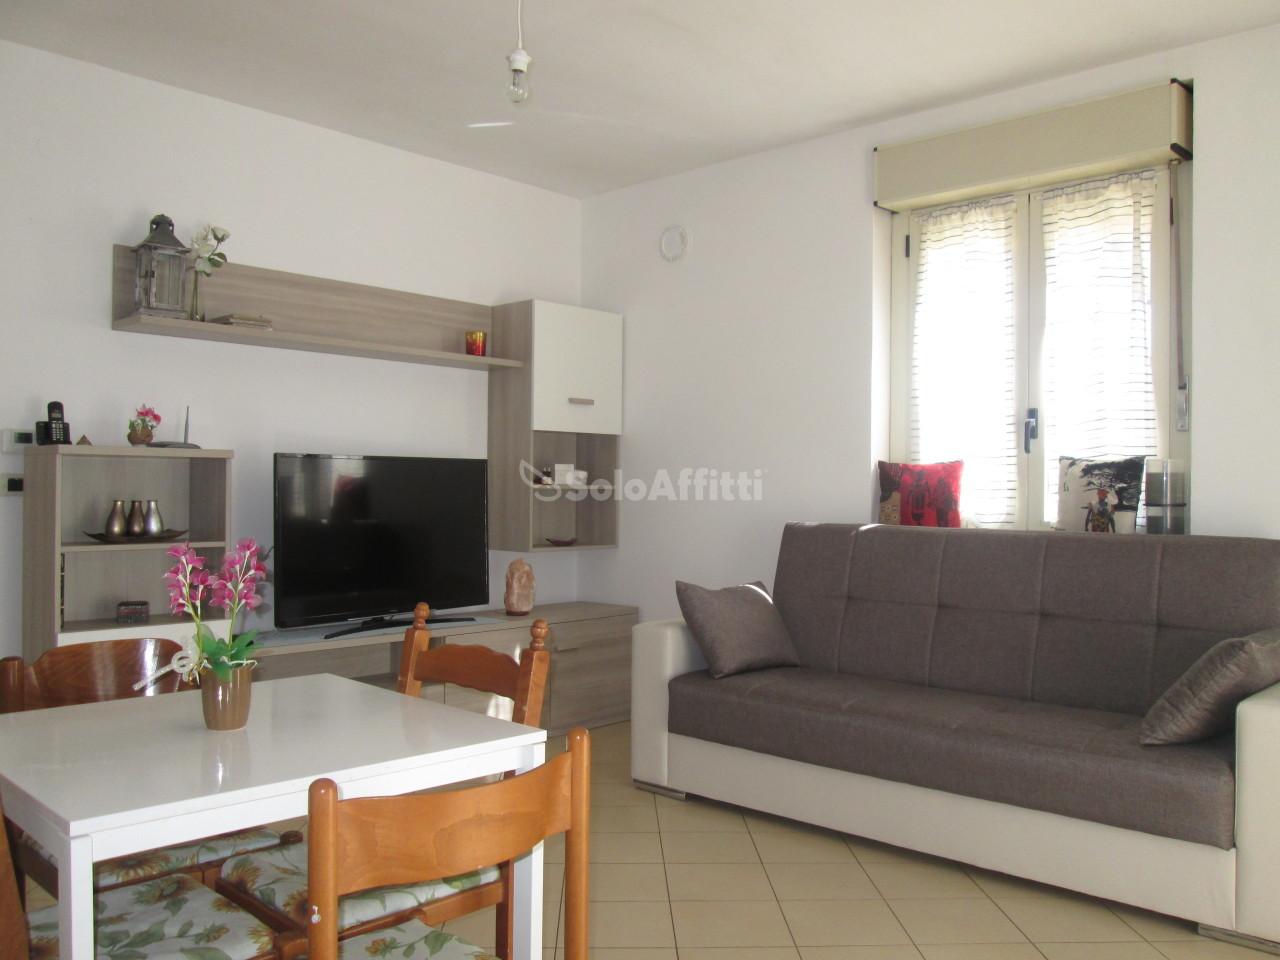 Foto 1 di Appartamento Via Monte Roburent 10, Borgo San Dalmazzo